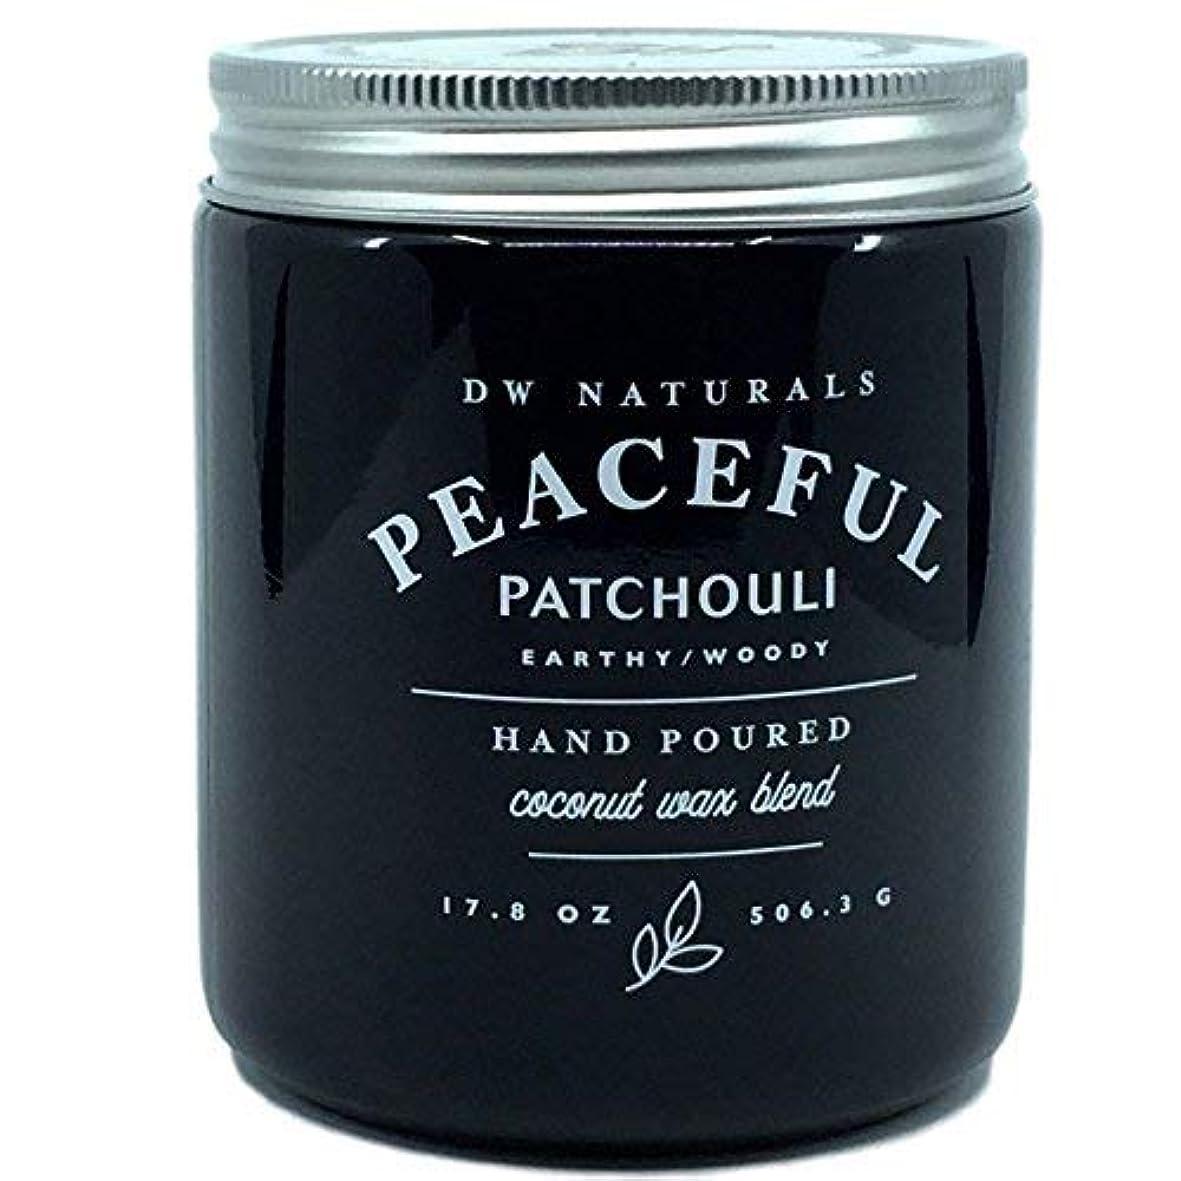 優しい傷つける落胆したDW Naturals Peaceful Patchouli Earthy Woody Hand Poured Coconut Wax Blend Candle 17.8 Oz [並行輸入品]